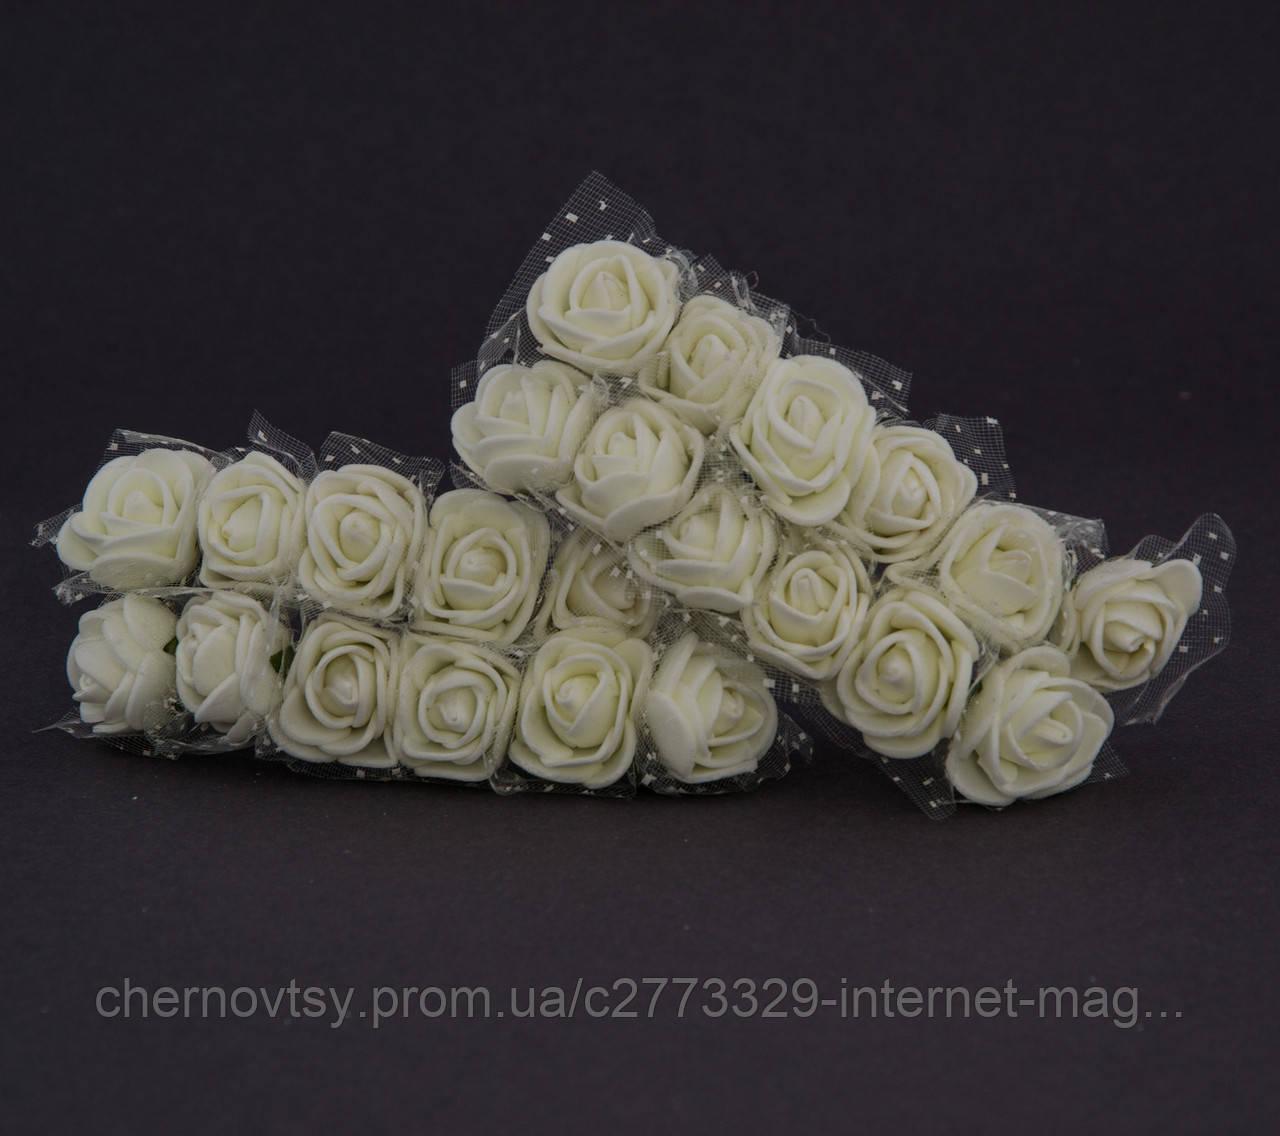 Троянди з латексу з фатином 3.5 см, уп. 144 шт.